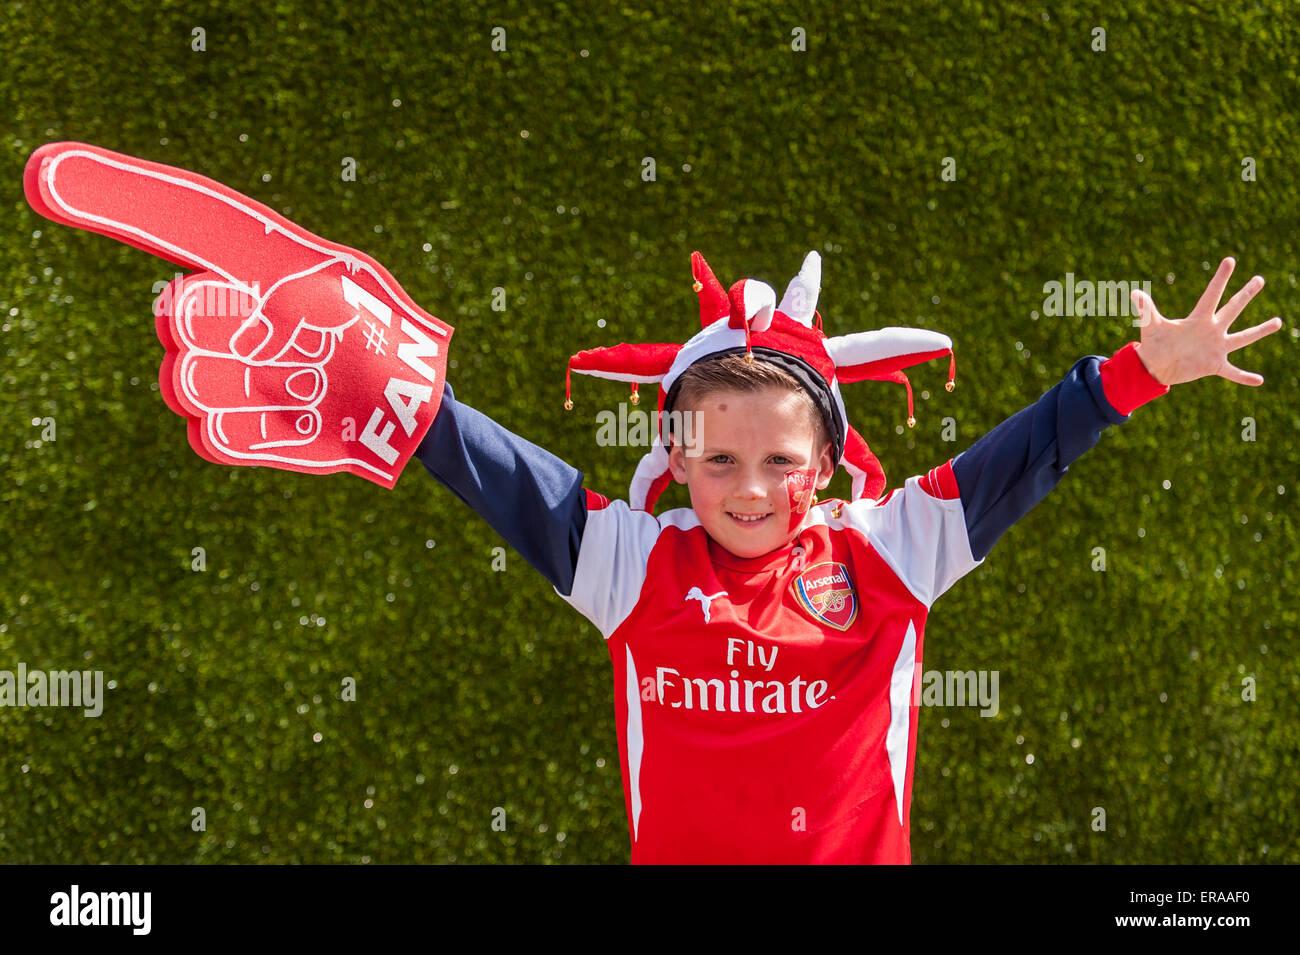 Londres, Reino Unido. El 30 de mayo de 2015. Un joven partidario del Arsenal ondas, como aficionados se reúnen Imagen De Stock